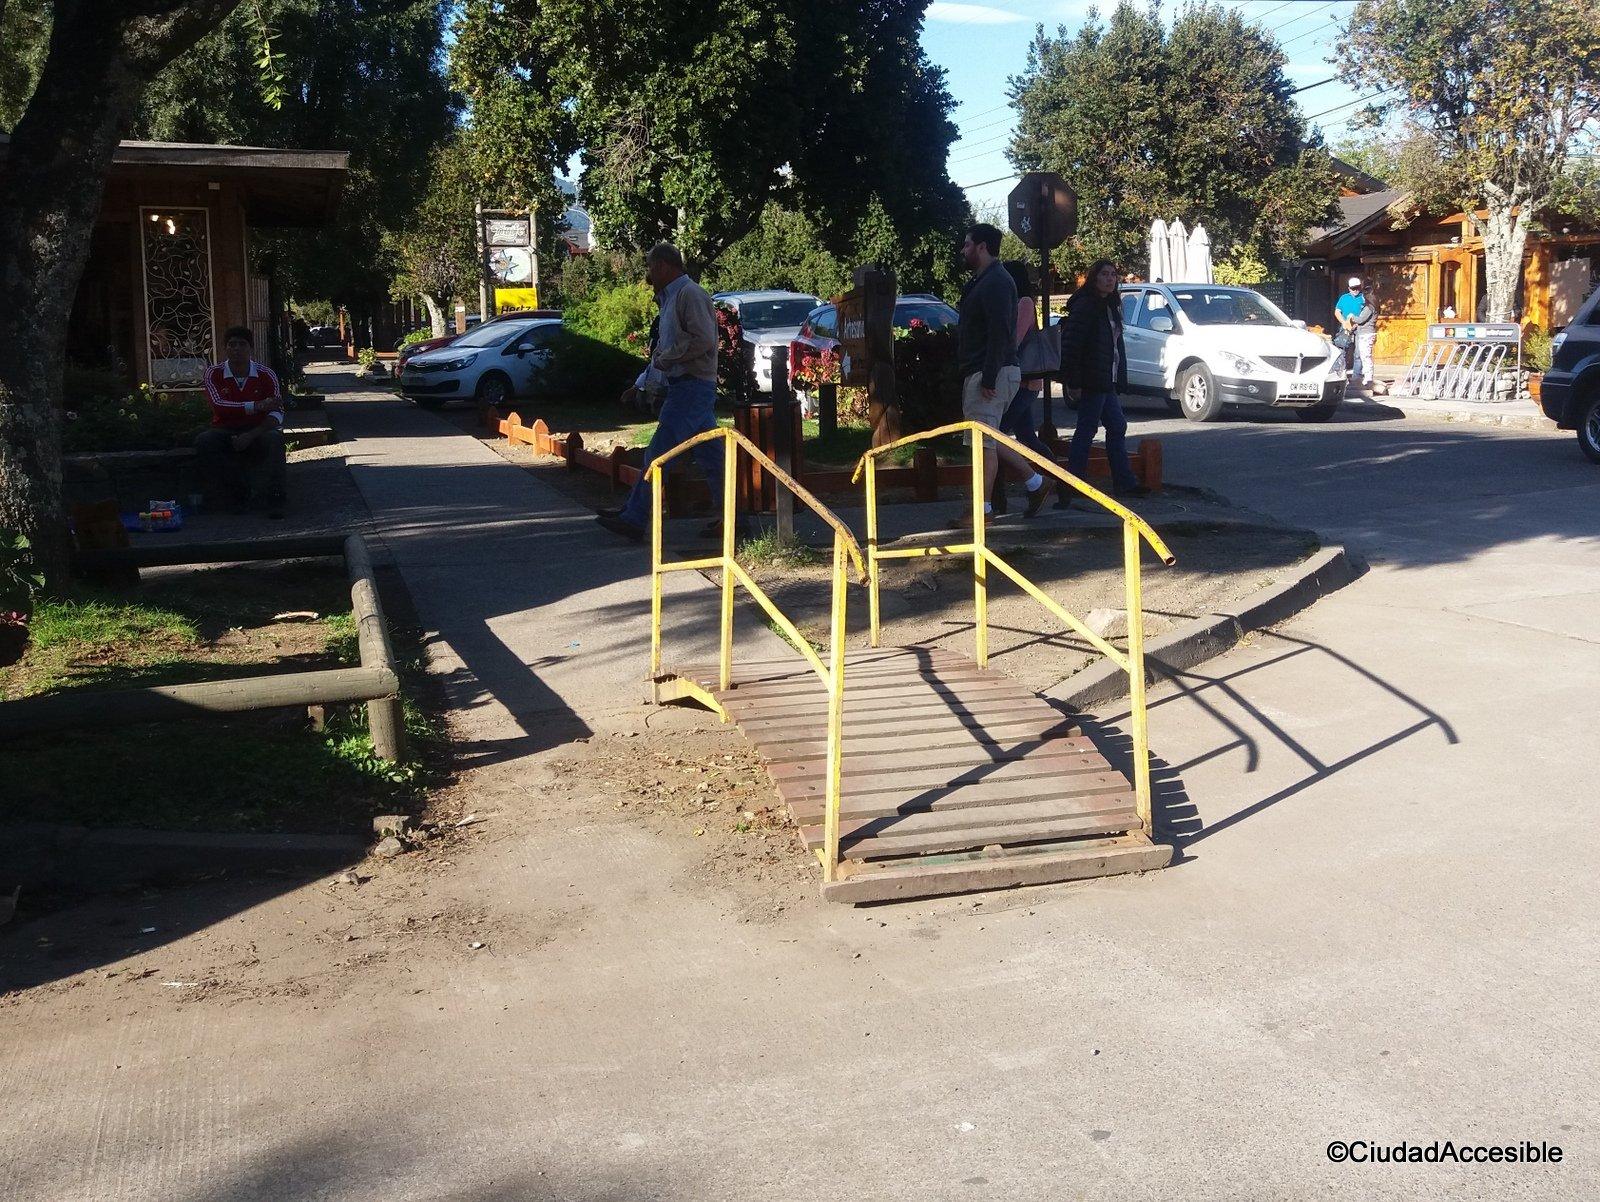 pasarela de madera con pasamanos se convierte en un obstáculo en el camino